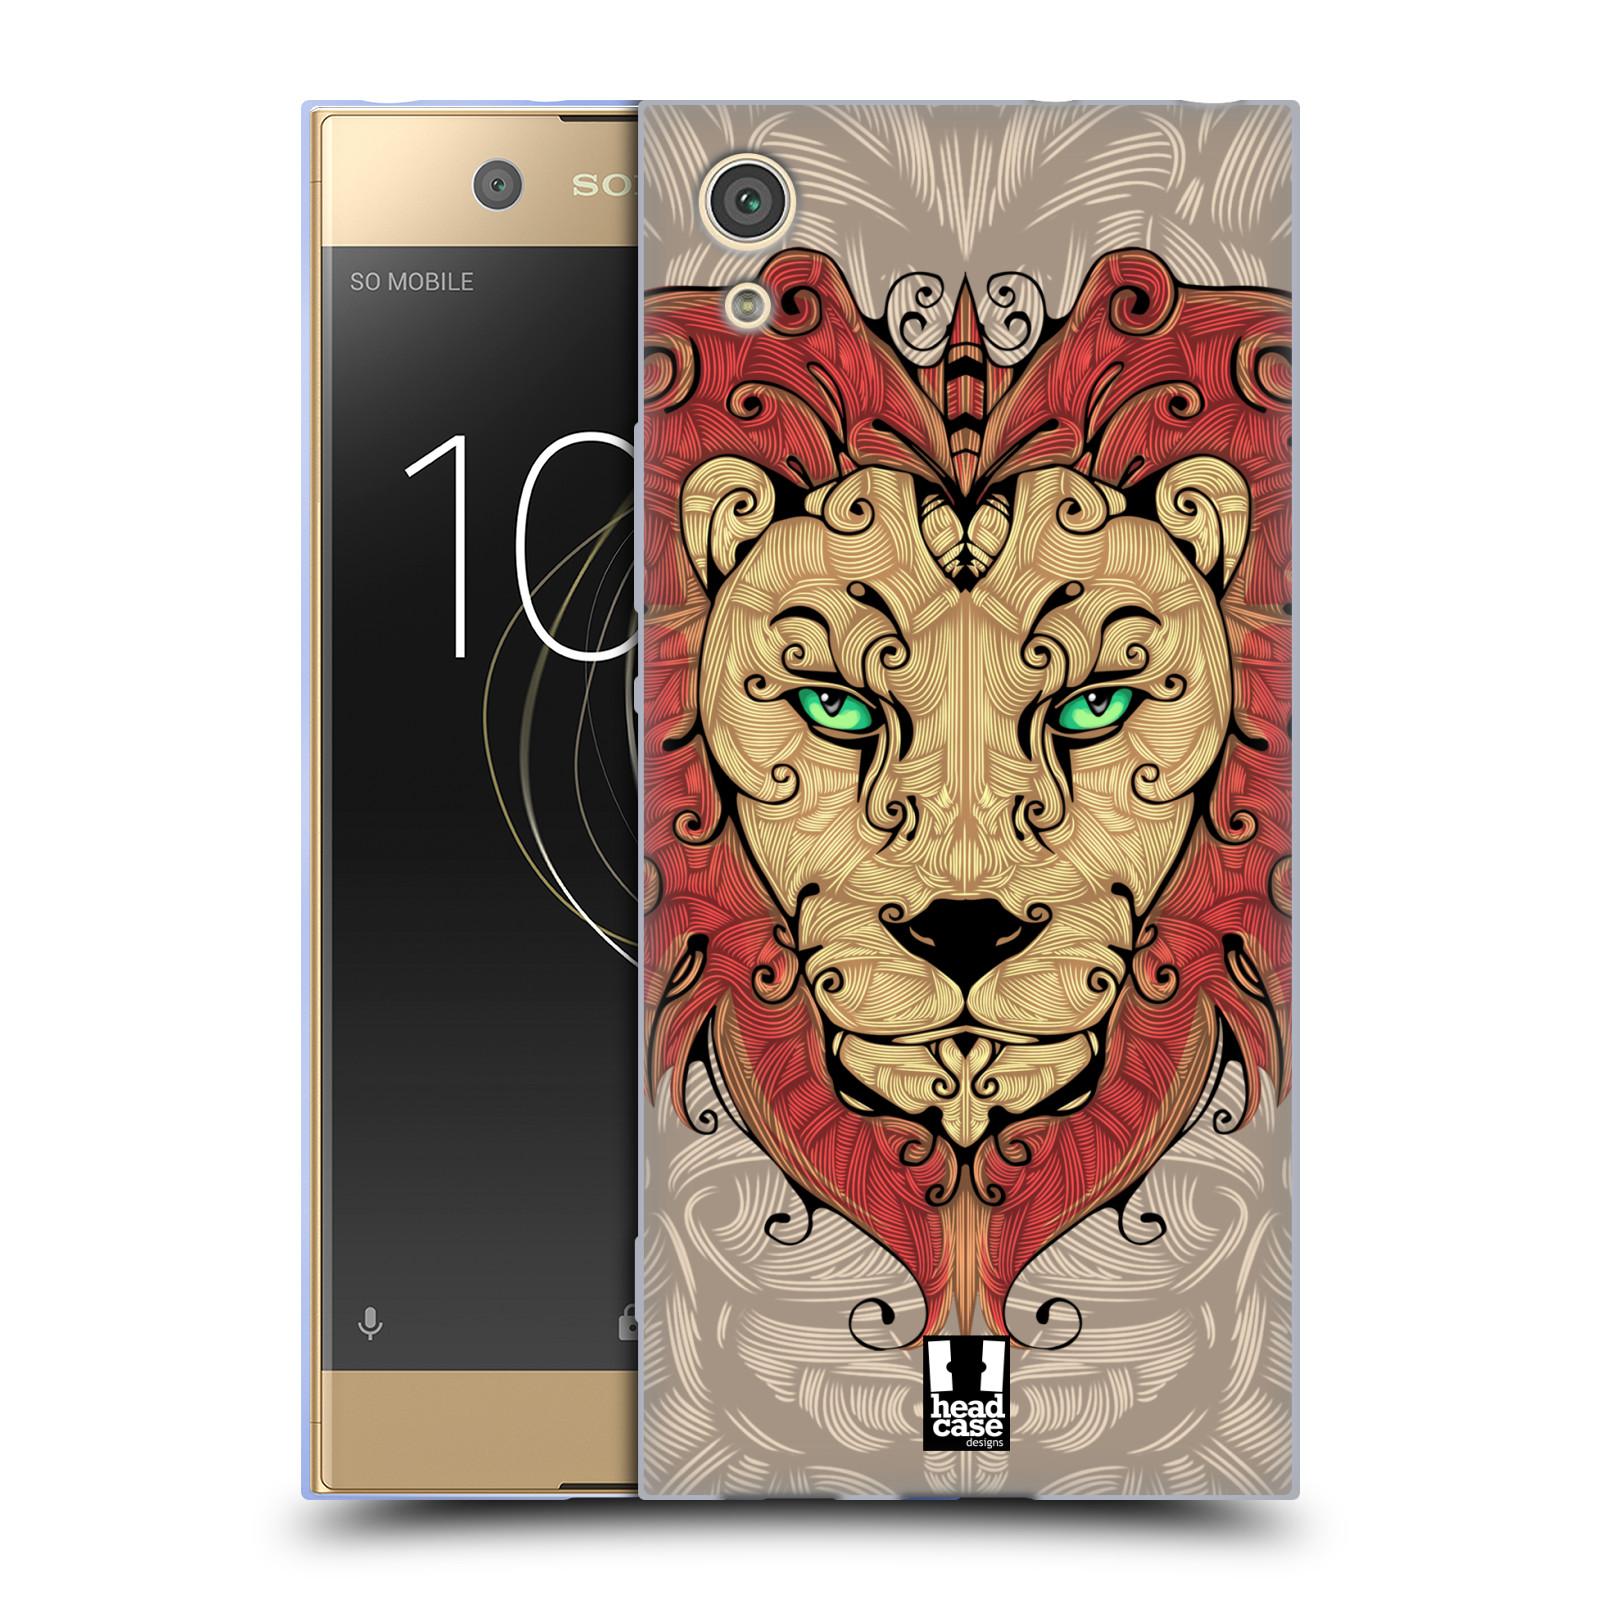 HEAD CASE silikonový obal na mobil Sony Xperia XA1 / XA1 DUAL SIM vzor kudrlinky zvíře lev